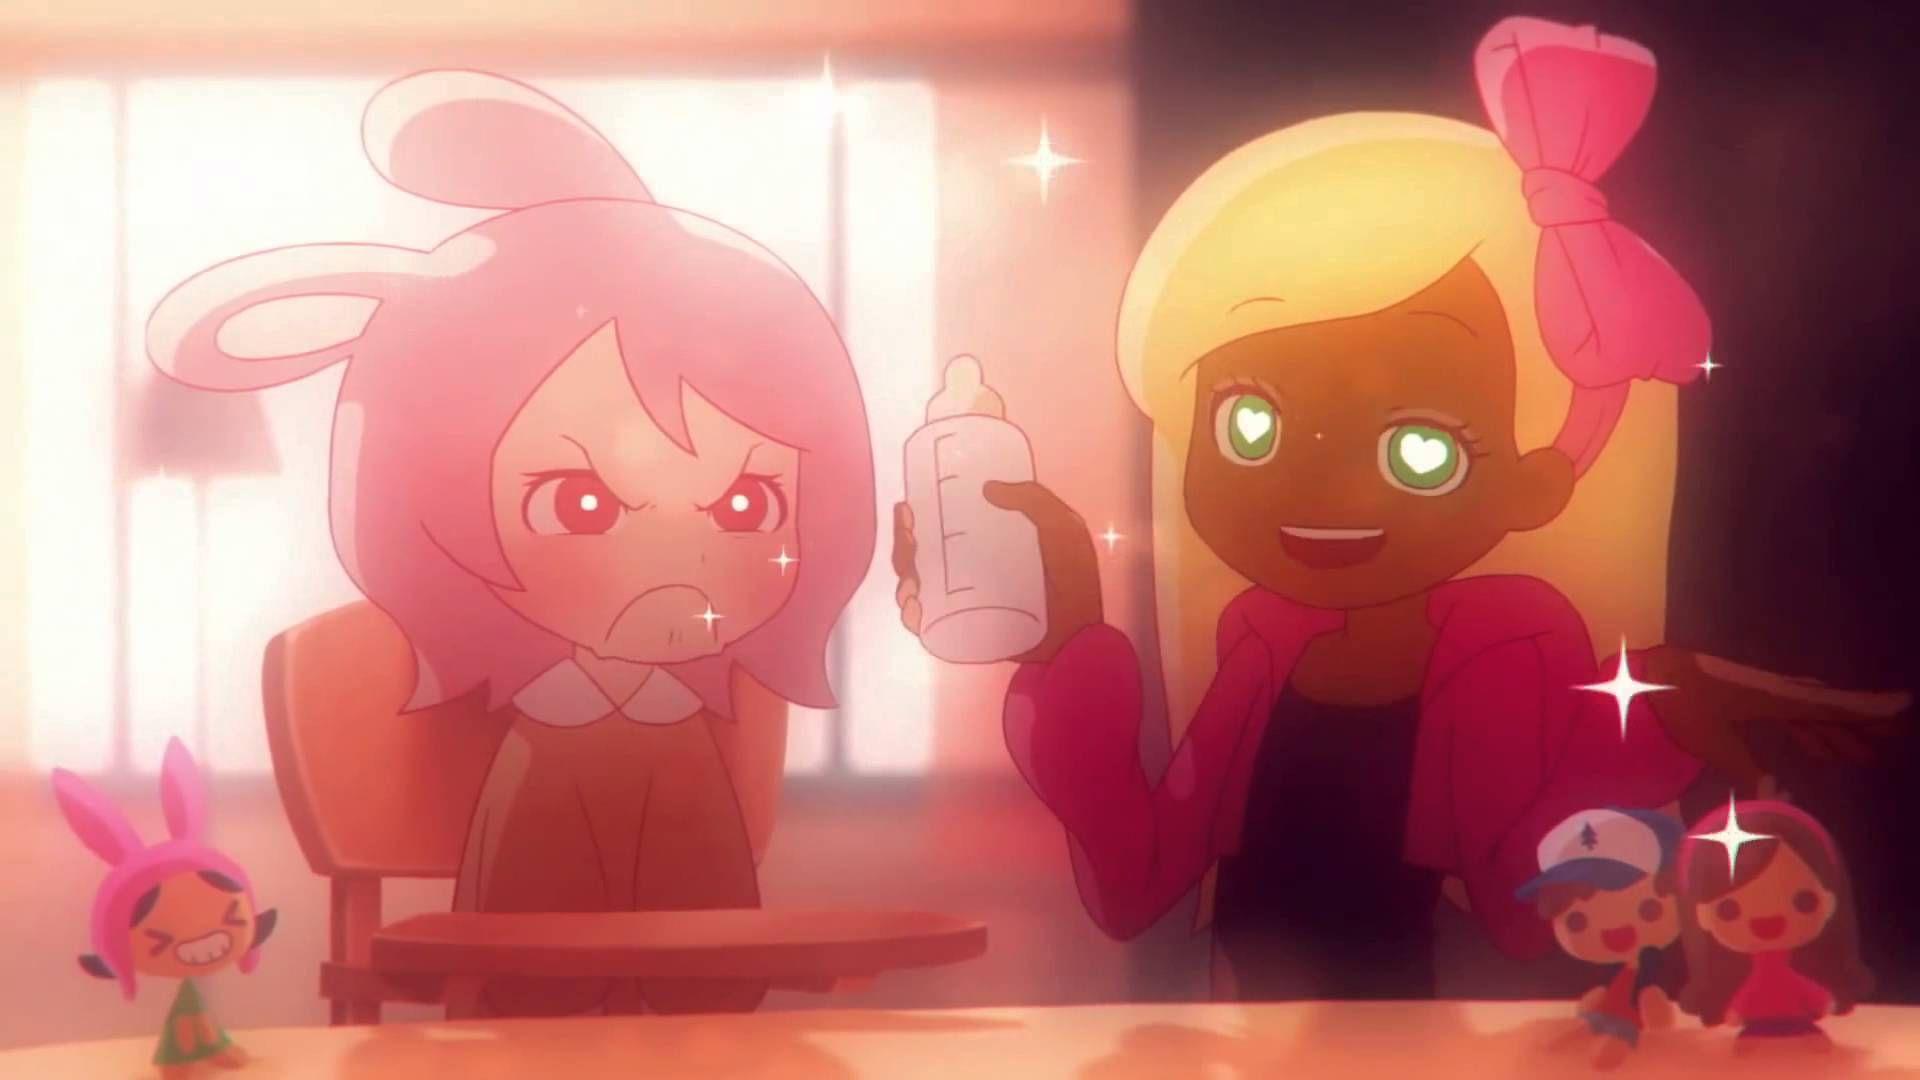 XXX photo Tg busty girl caption anime